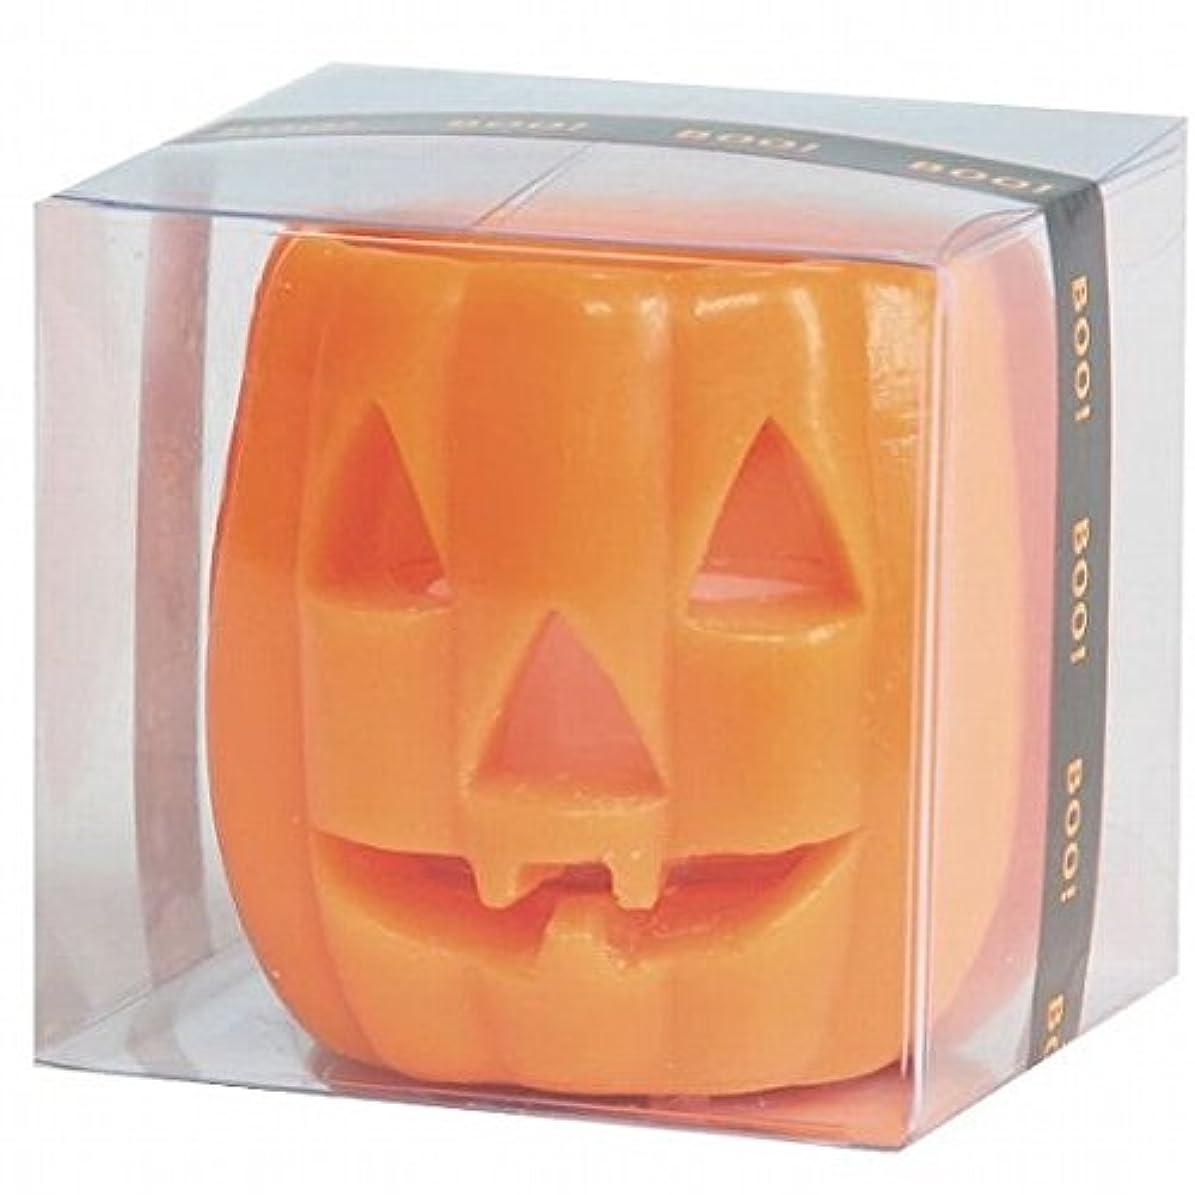 変位先例考えたkameyama candle(カメヤマキャンドル) パンプキンフェイスS 「 オレンジ 」 キャンドル(55860000)